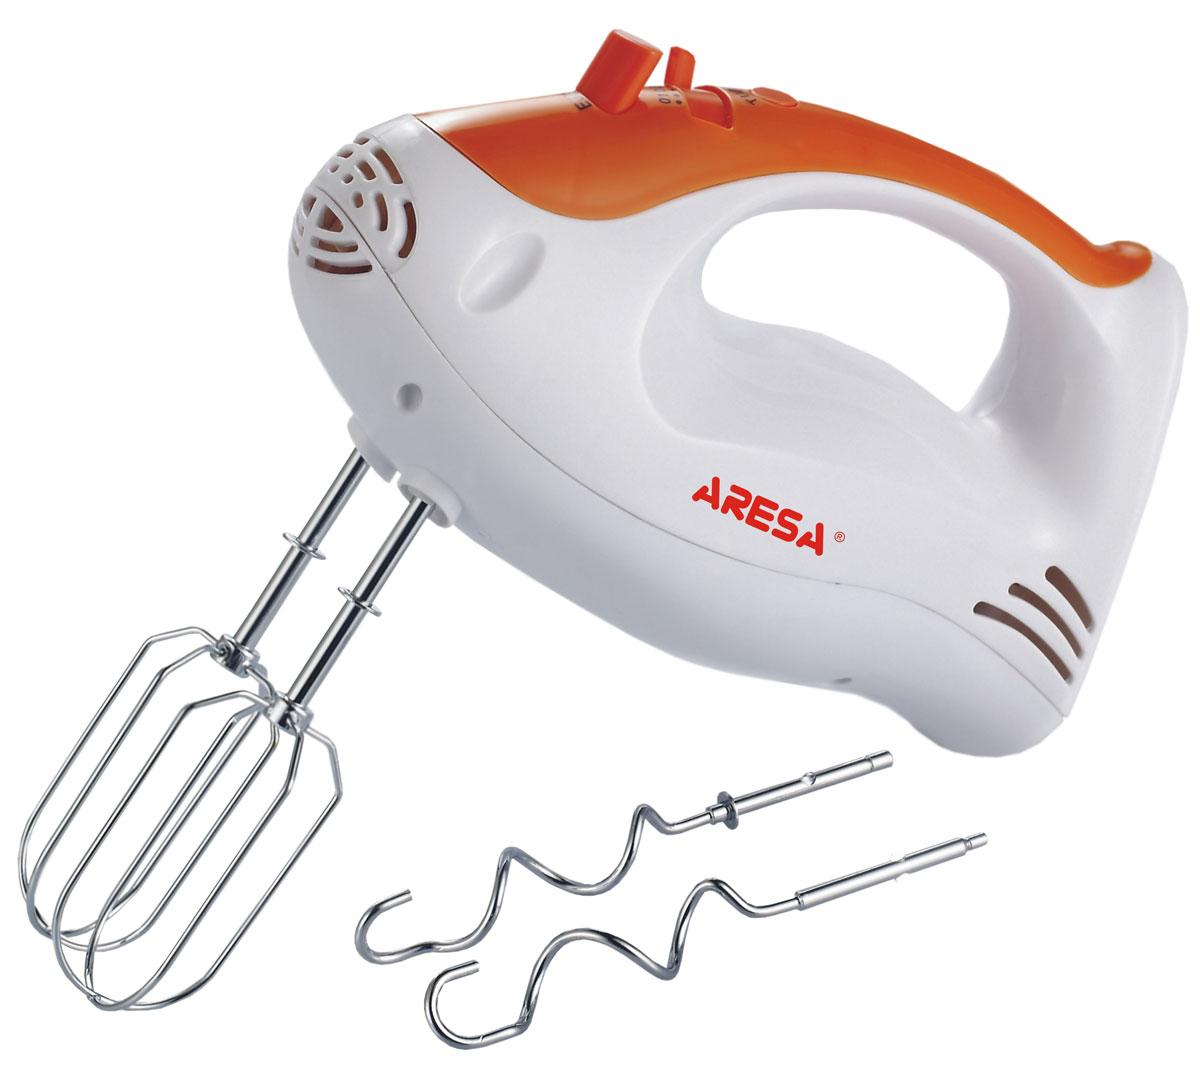 Aresa AR-1901 миксерAR-1901Aresa AR-1901 - практичный миксер для взбивания кремов и приготовления теста, что по достоинству сможет оценить любая хозяйка. Благодаря 5 скоростным режимам и функции турбо, вы можете получить именно тот результат, который вам необходим для приготовления. Модель также имеет кнопку для удобного извлечения насадок.